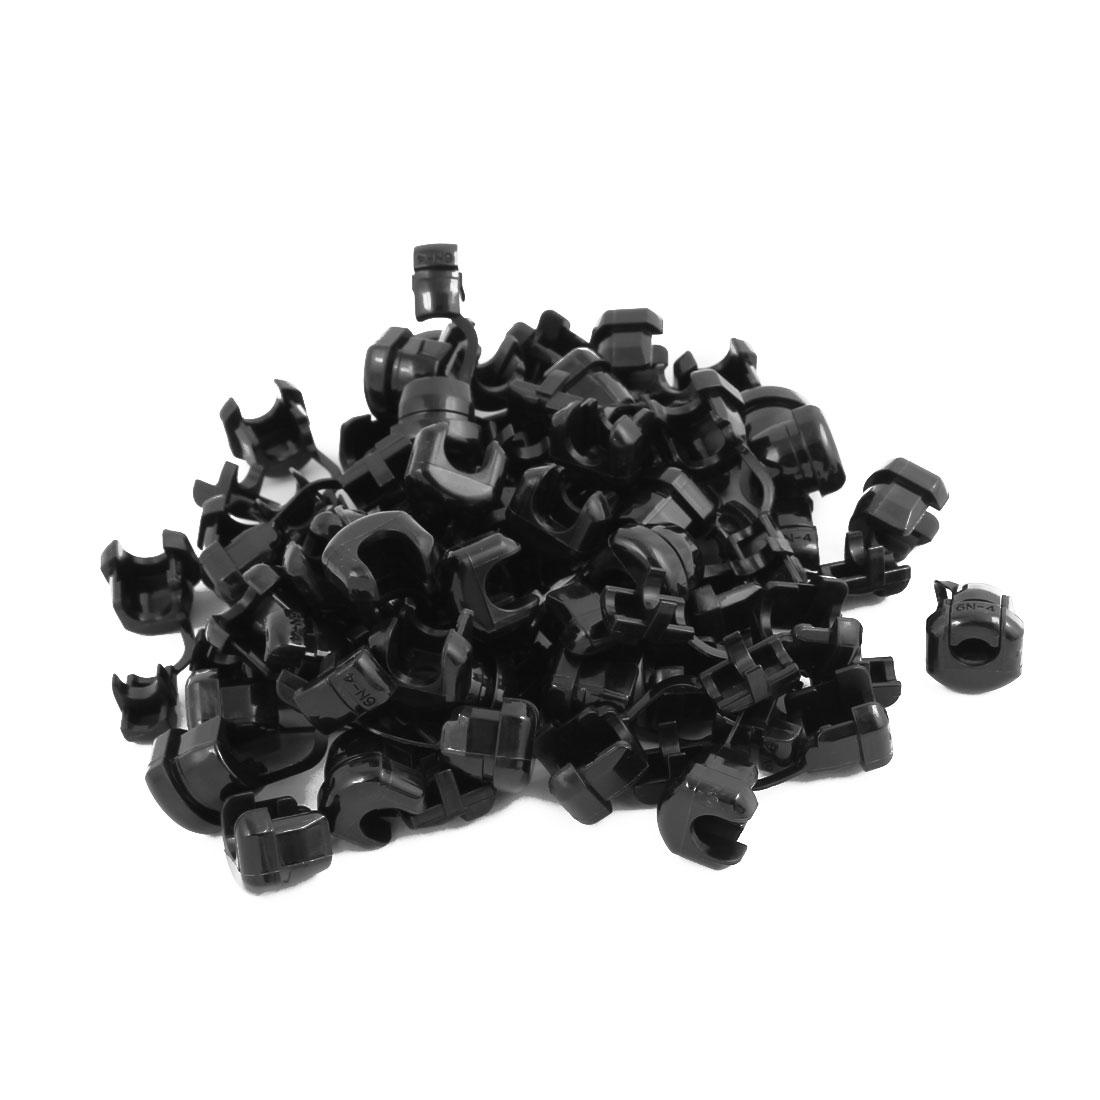 50Pcs 6N-4 Round Cable Wire Strain Relief Bush Grommet 14mm Diameter Black